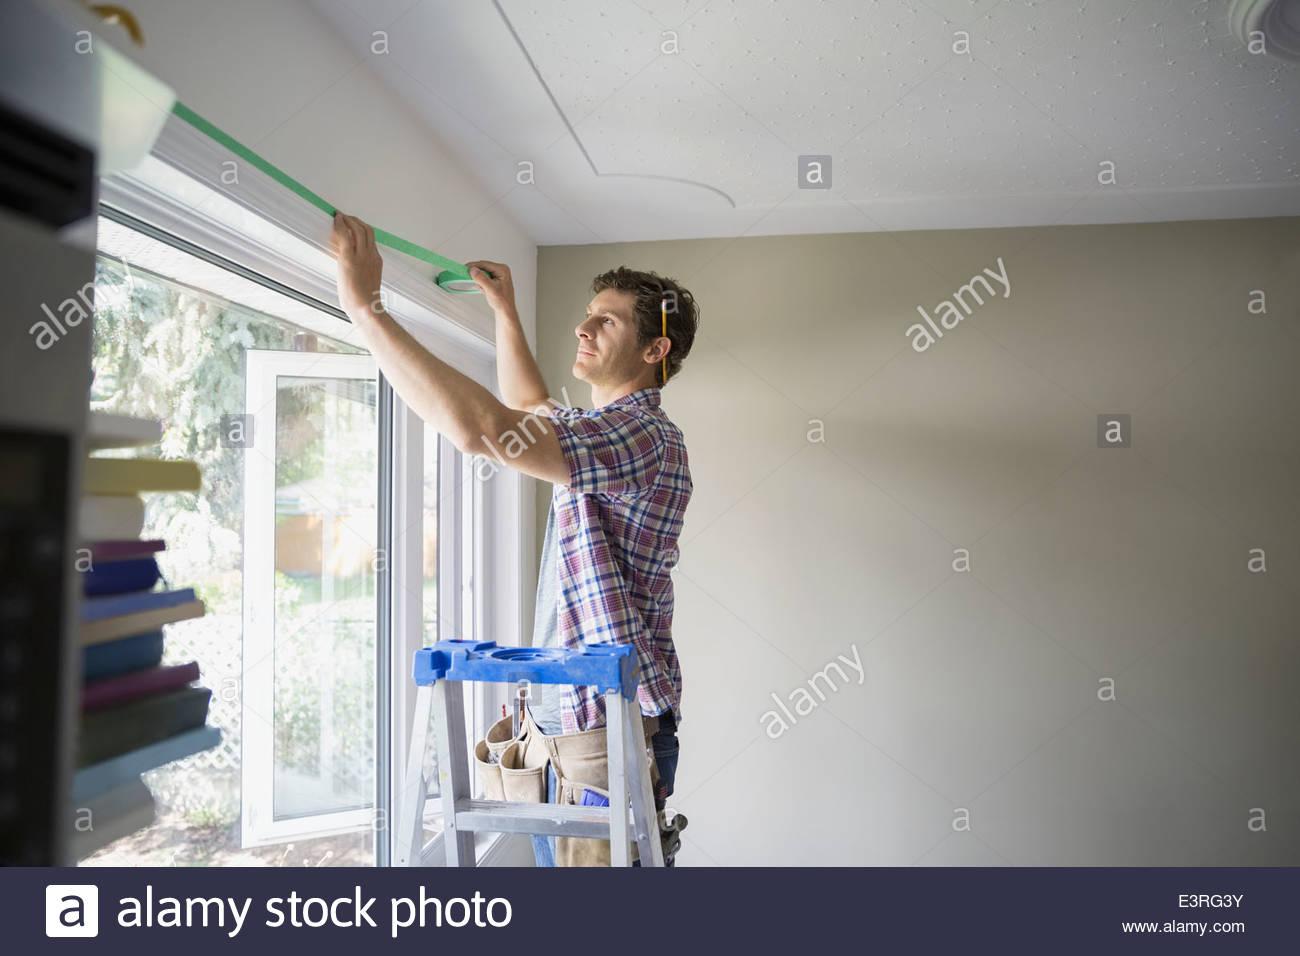 Mann zu malen durch Abkleben der Fenster Gehäuse vorbereiten Stockbild